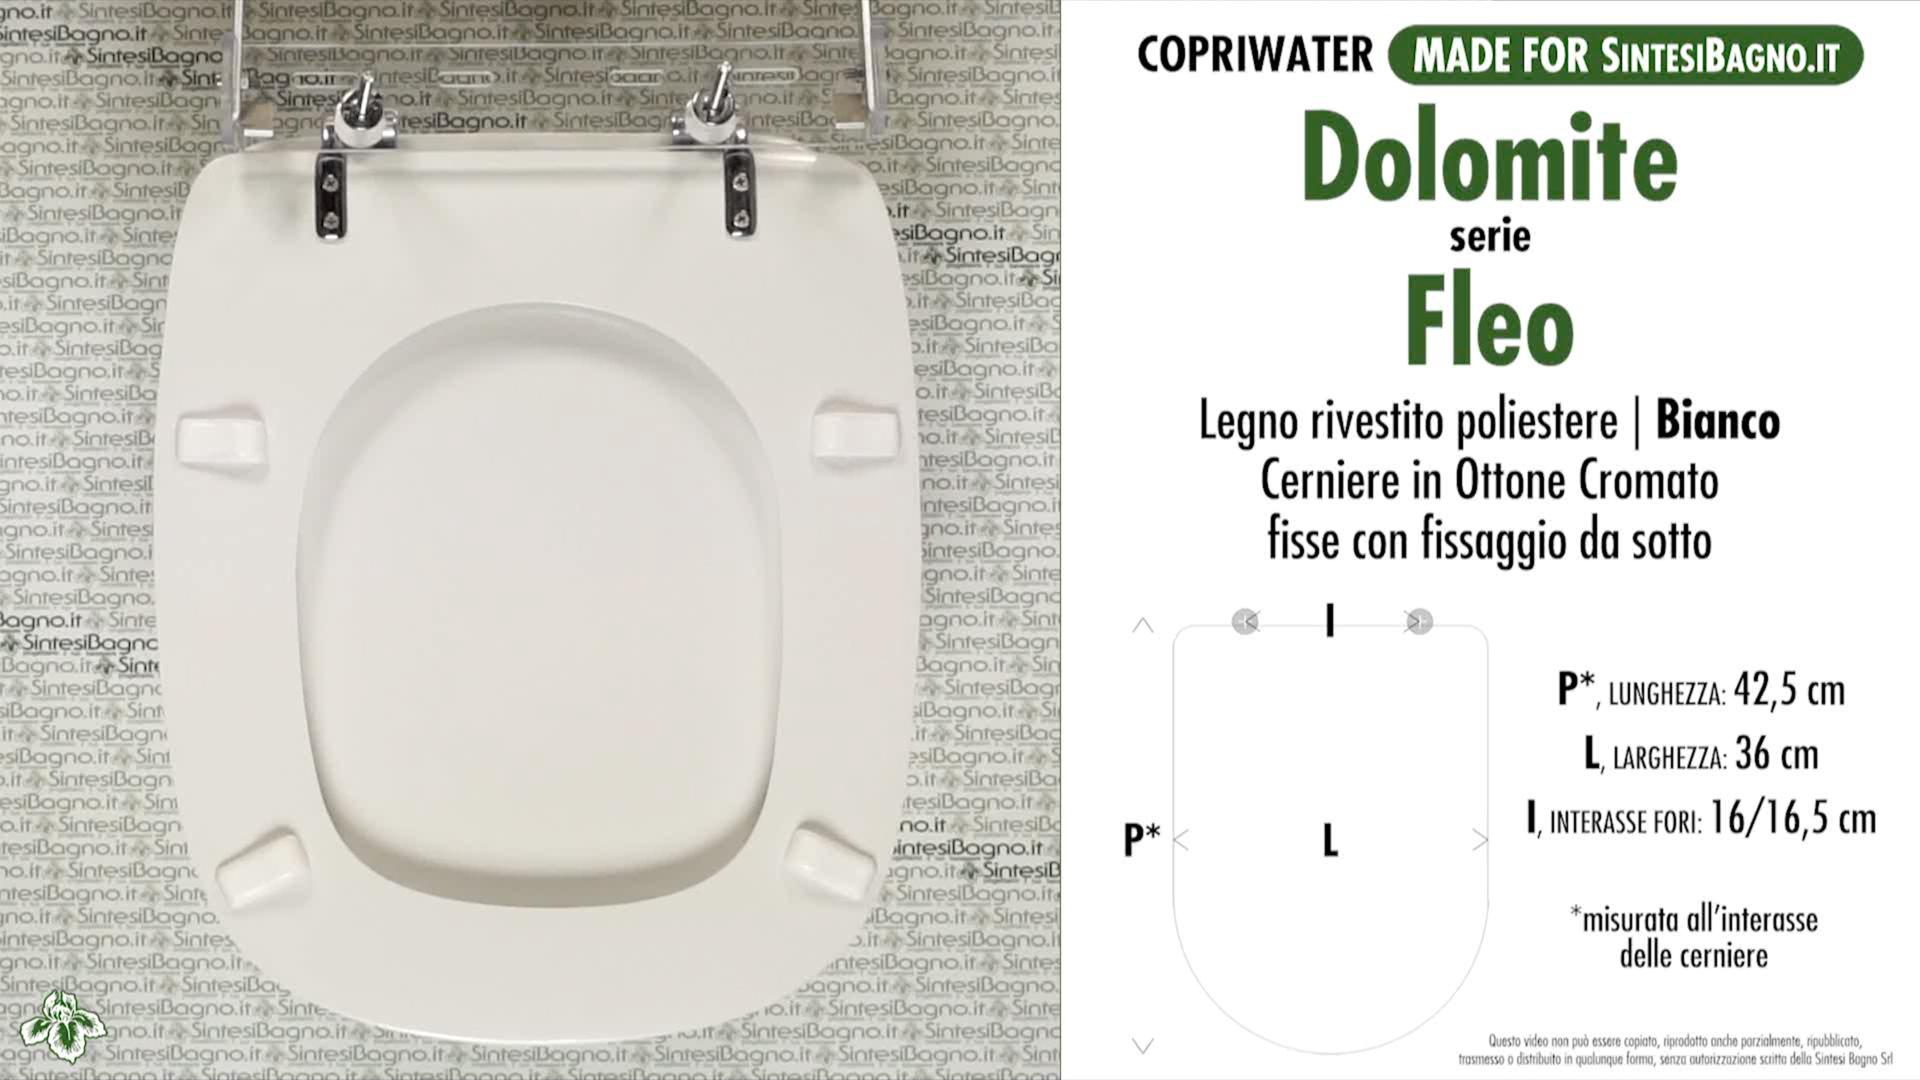 Ceramica Dolomite Serie Fleo.Schede Tecniche Misure Copriwater Dolomite Serie Fleo